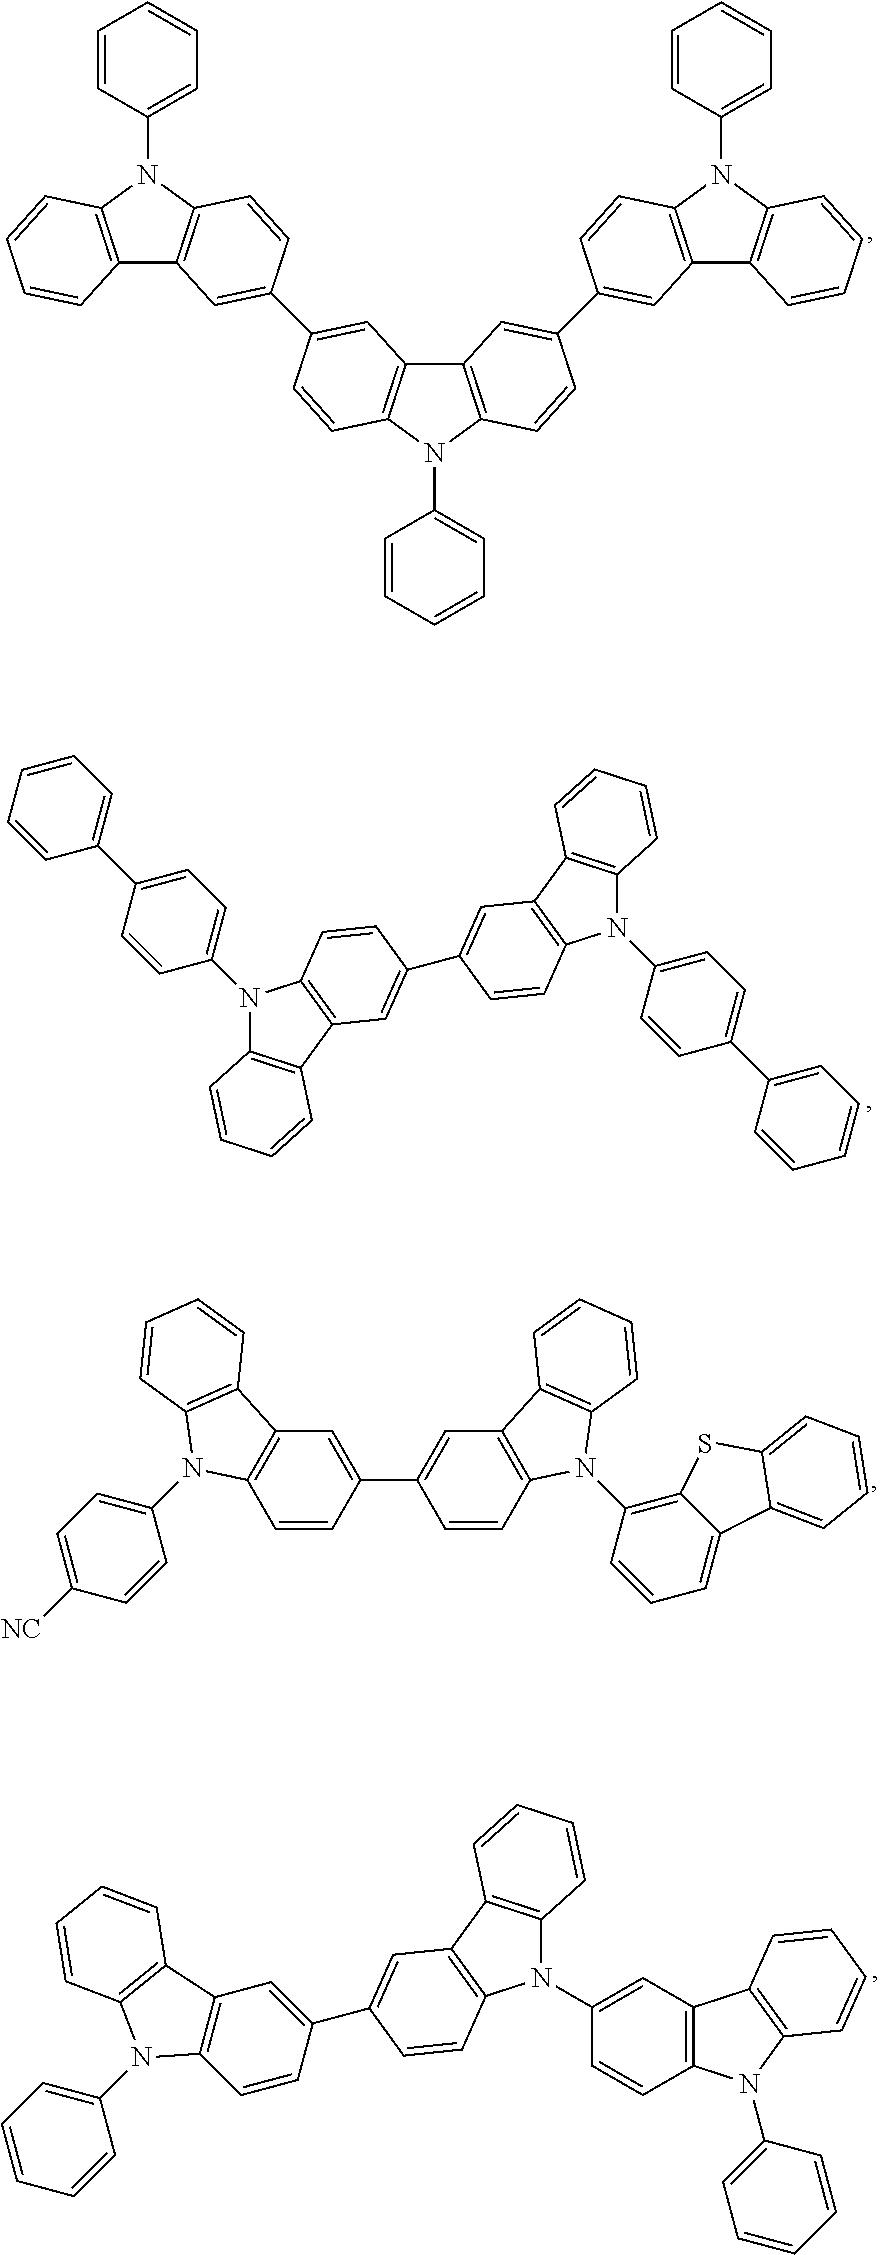 Figure US20180076393A1-20180315-C00050